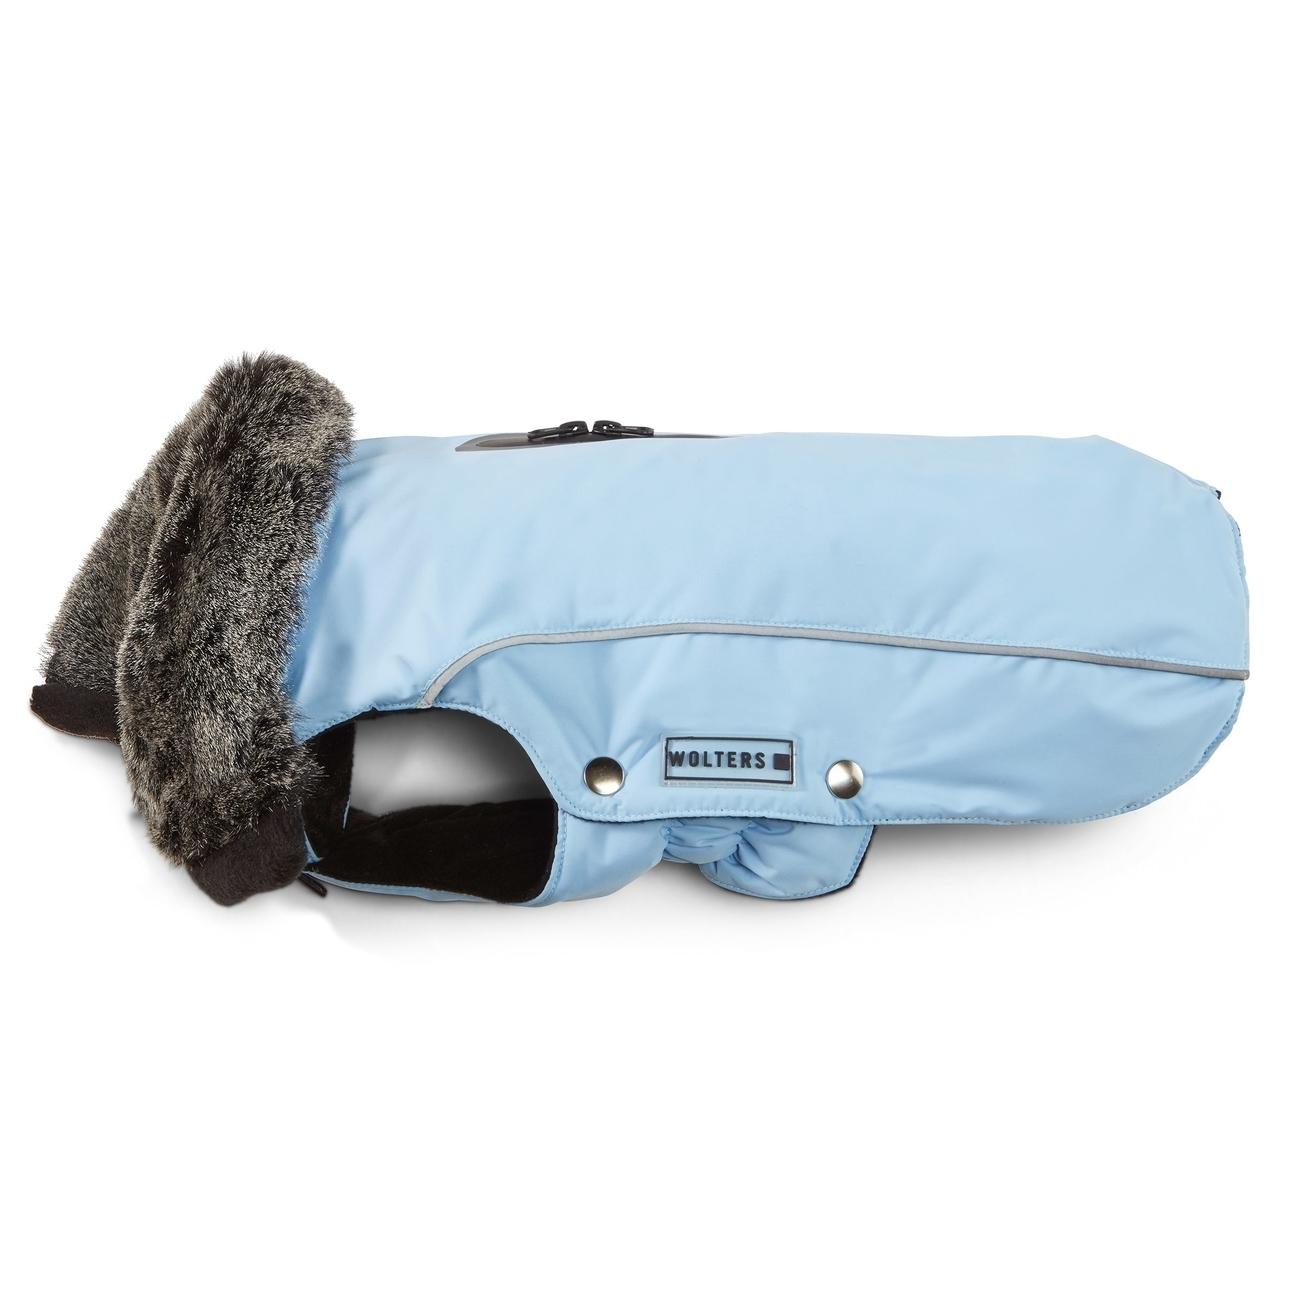 Wolters Winterjacke Amundsen für Dackel, Bild 3